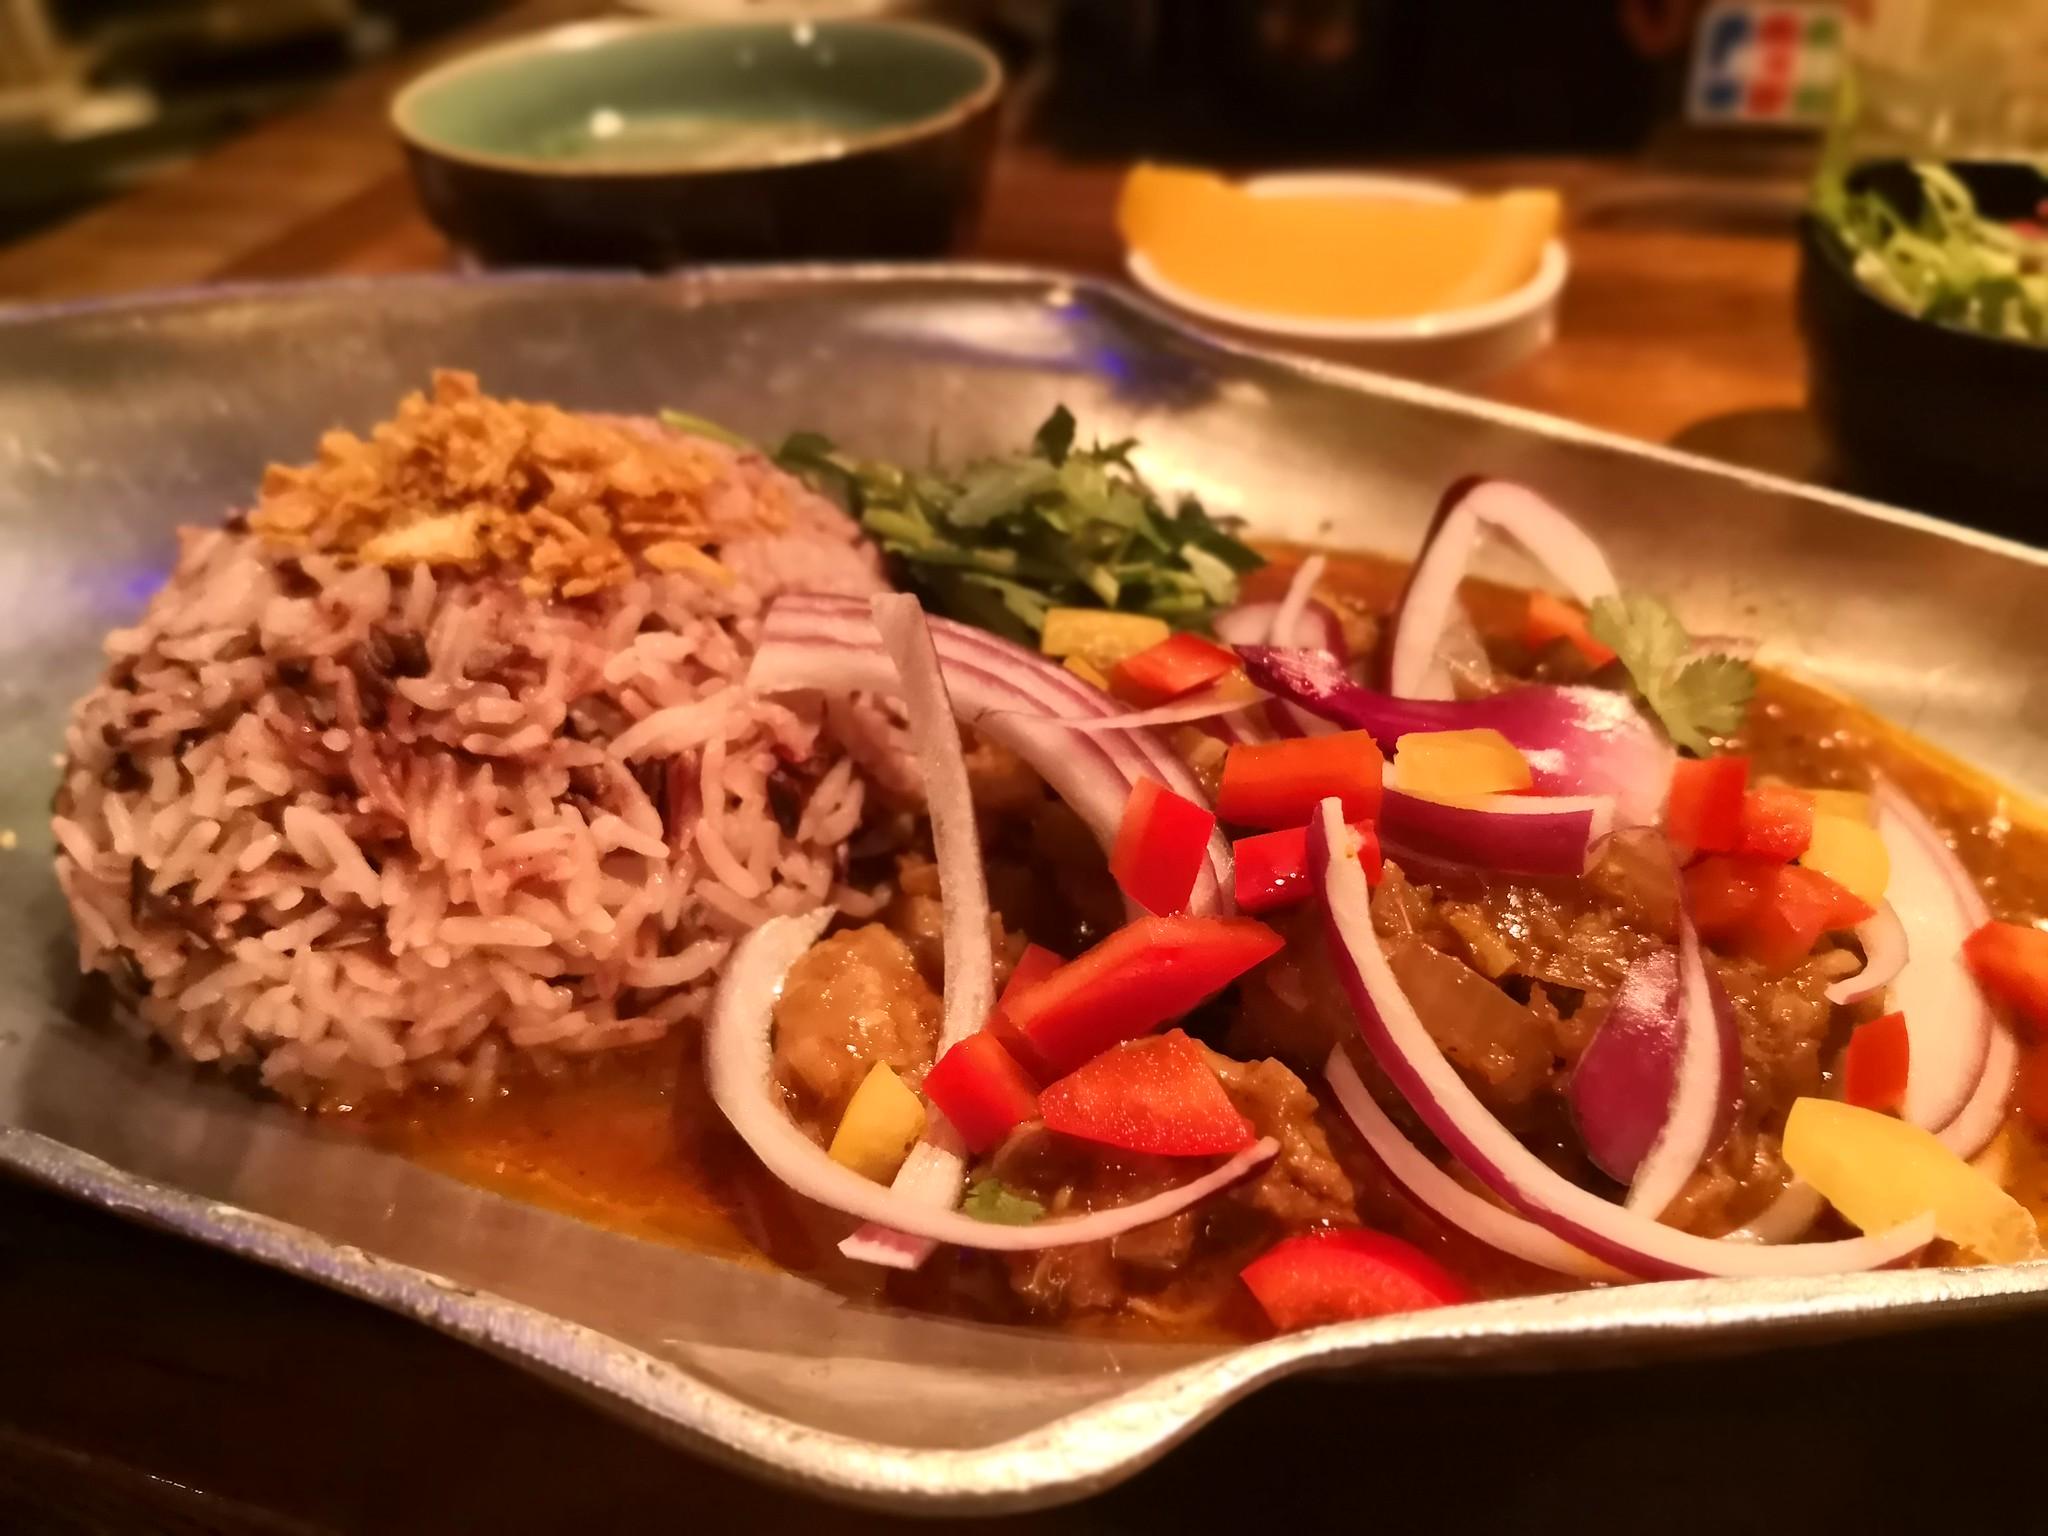 【五反田】アジアンバル プエルト@スポーツバーのようなバルでミャンマー薬膳カレーを!